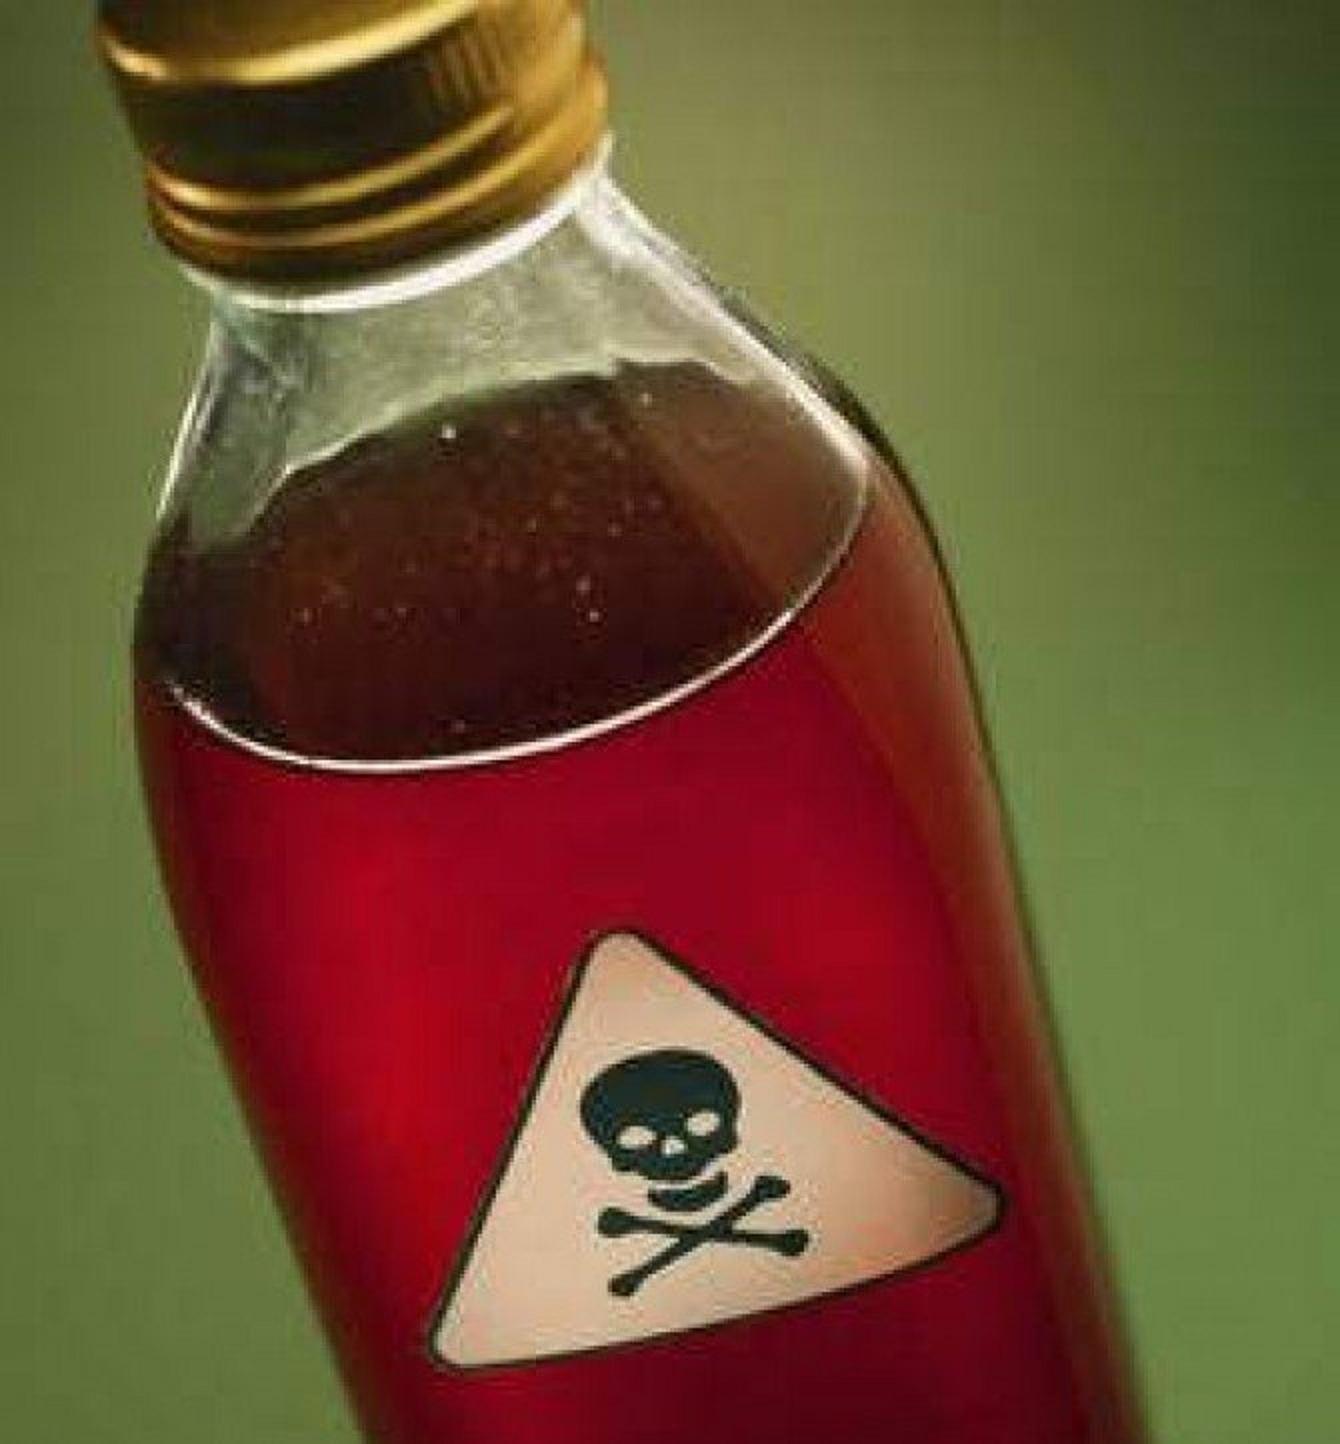 Cea mai otrăvitoare substanță din lume. Cianura și arsenicul nu se află în top 5